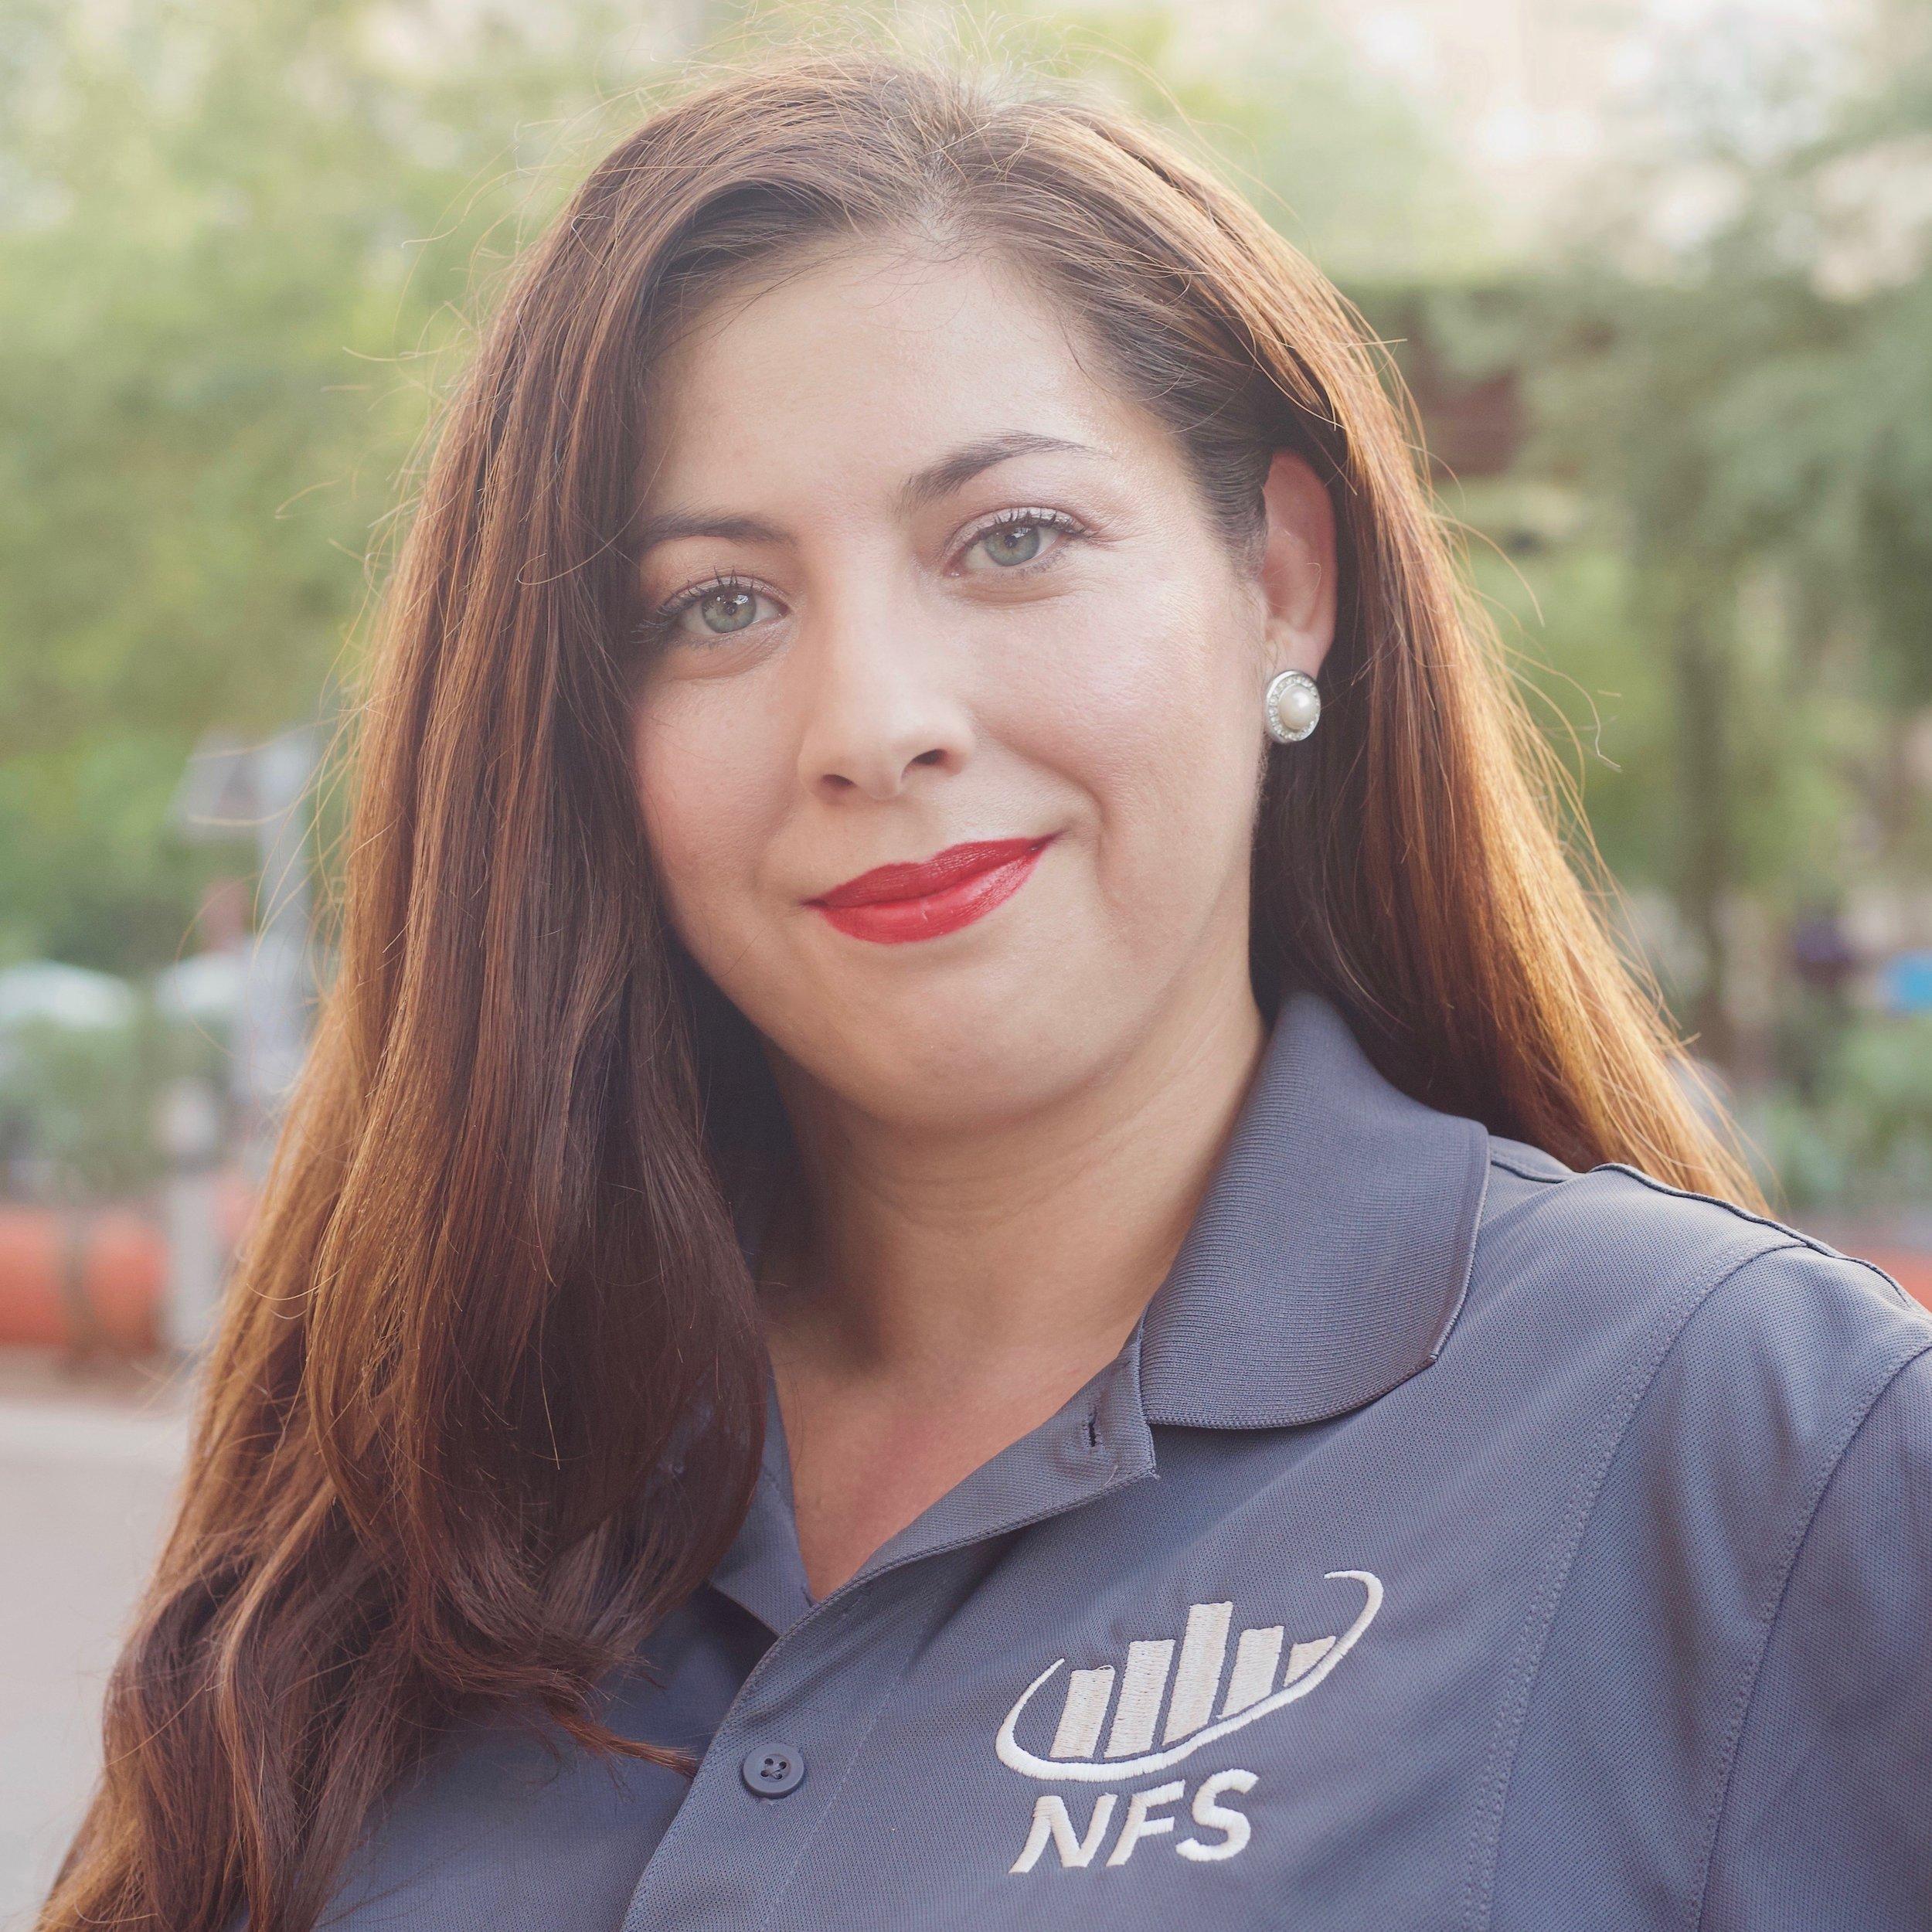 Crystal Vargas